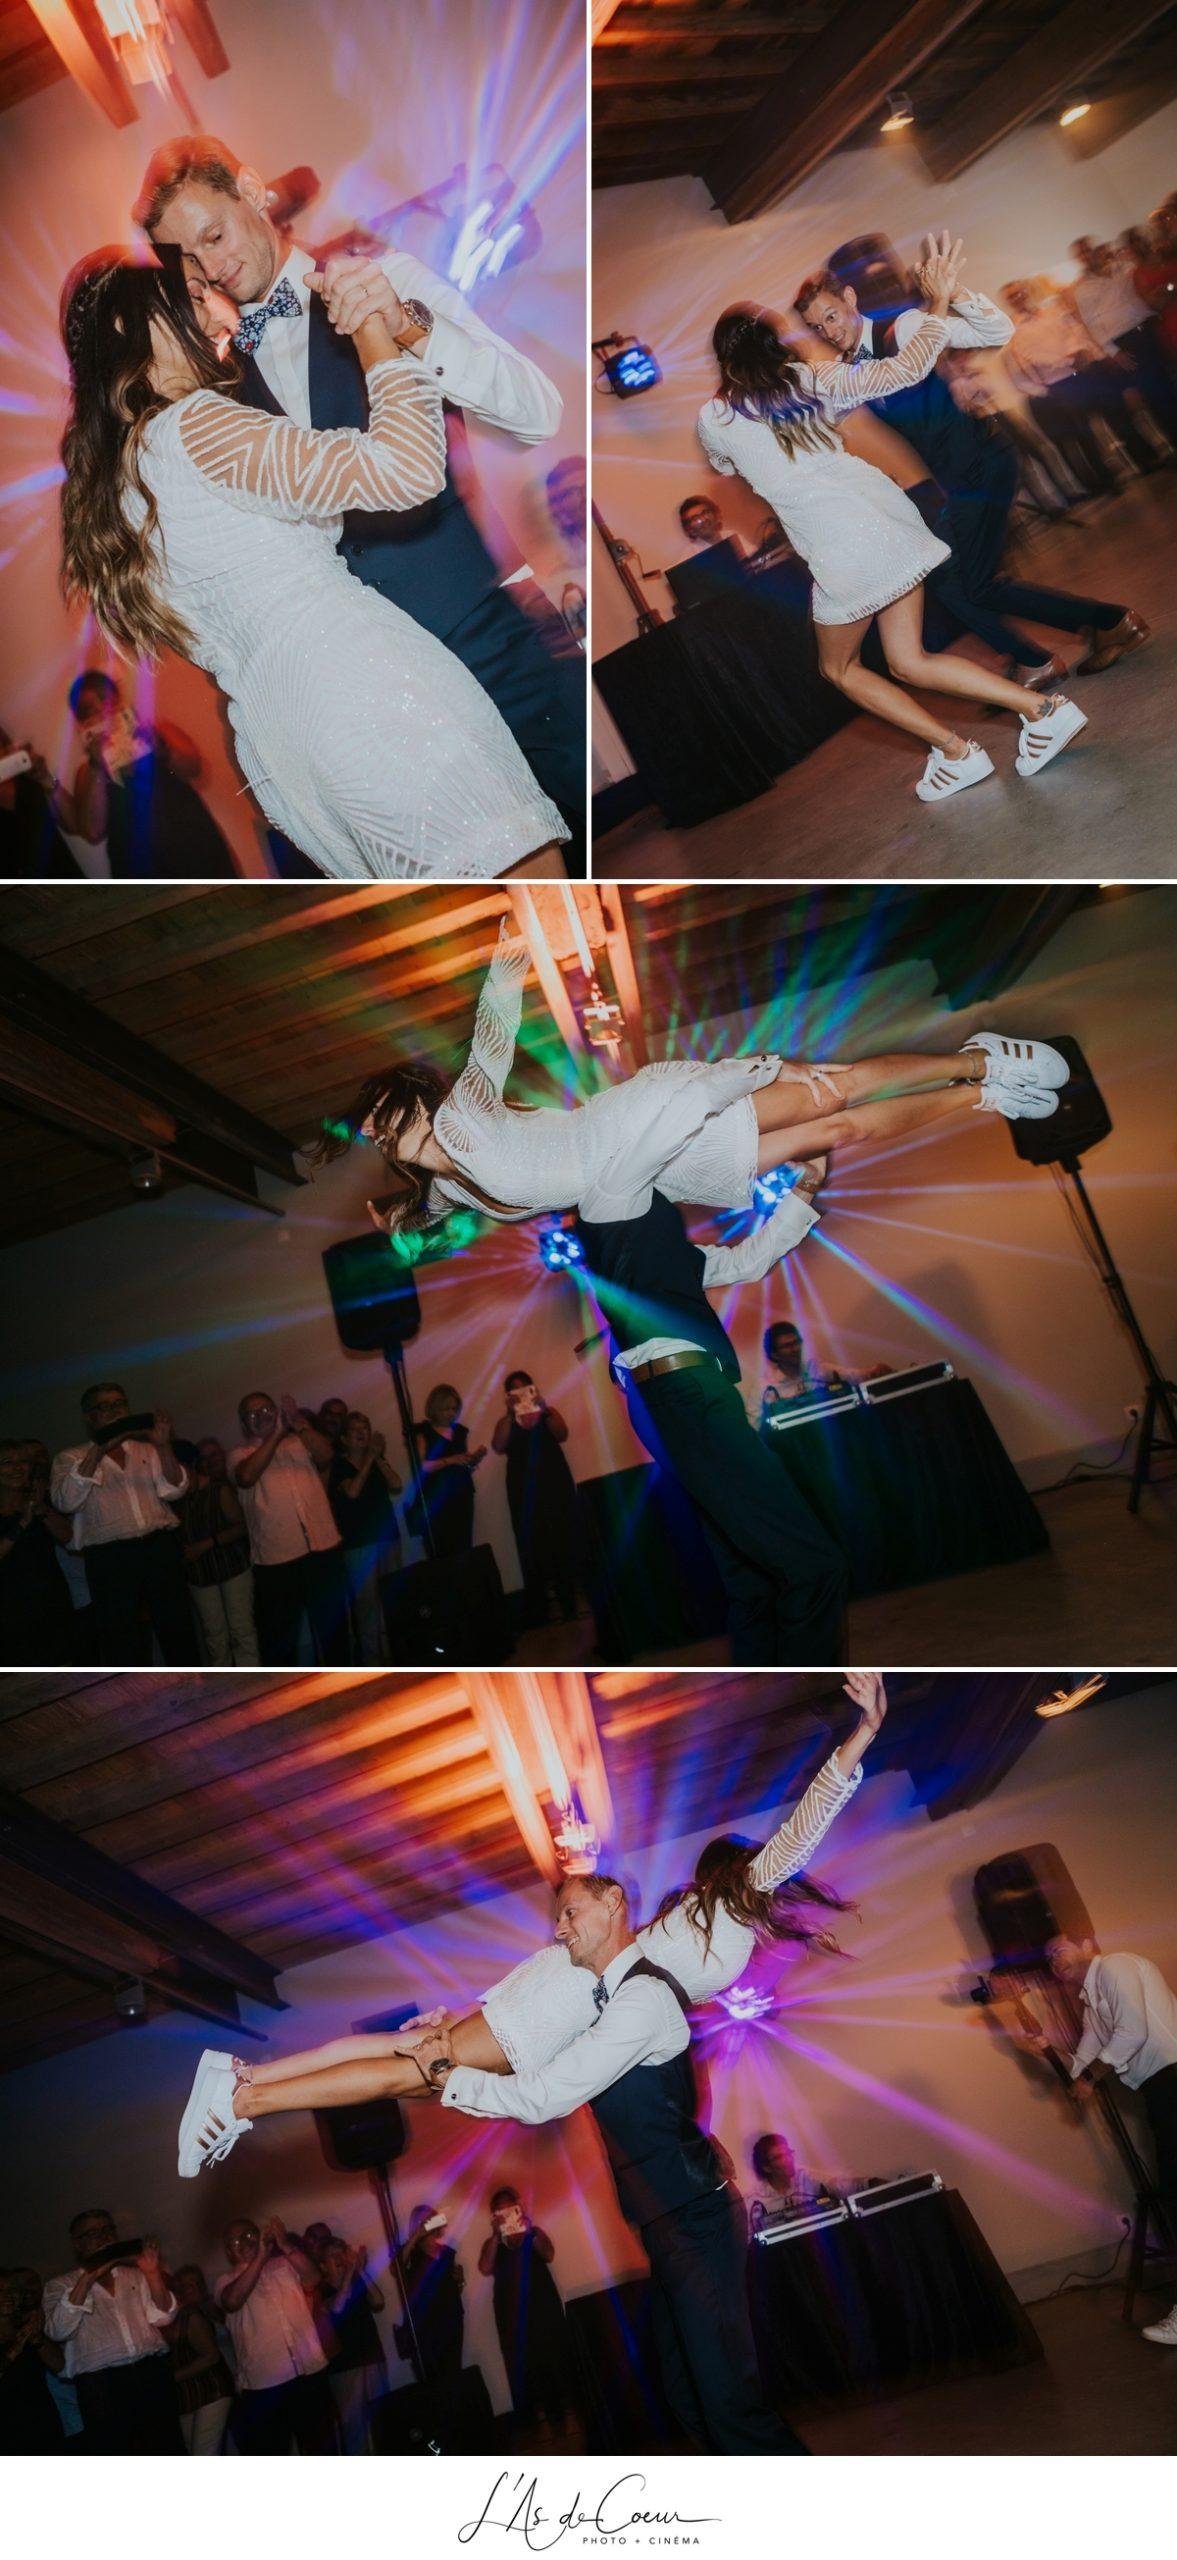 Ouverture de bal première danse porté Mariage bohème château de la Gallée photographe Mariage Lyon ©lasdecoeur